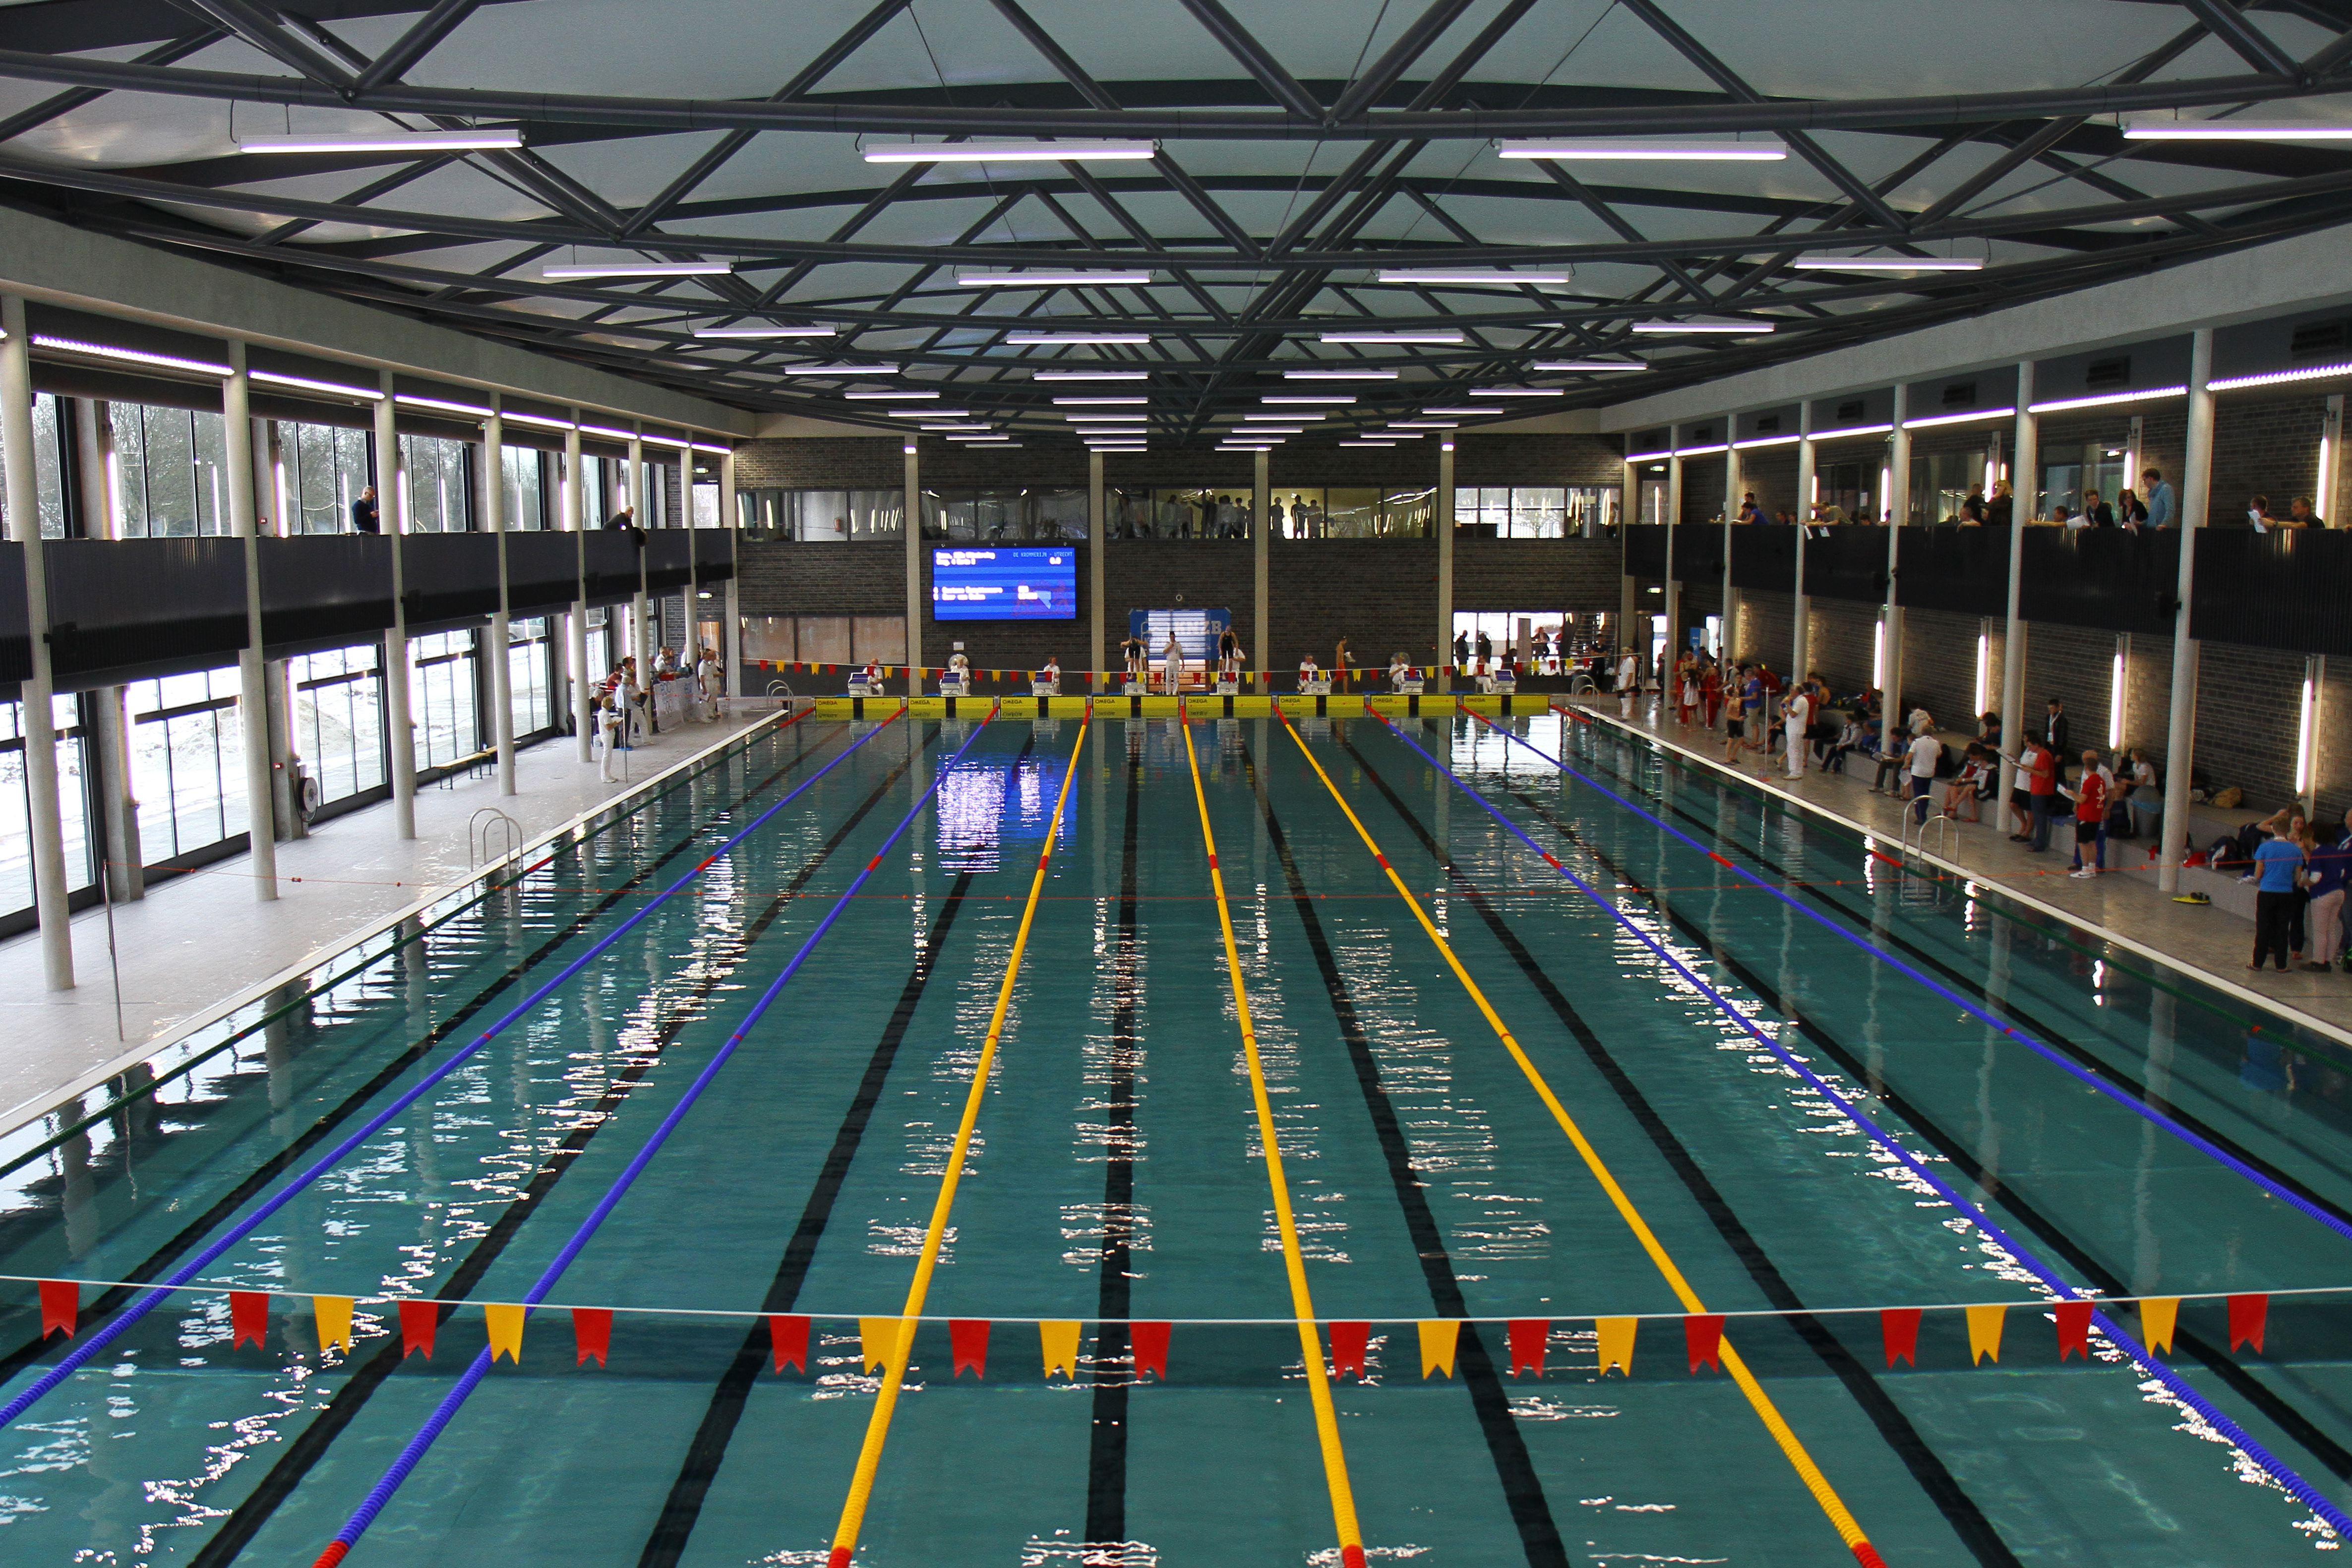 Zwembad de krommerijn in utrecht de architect for Zwembad uden